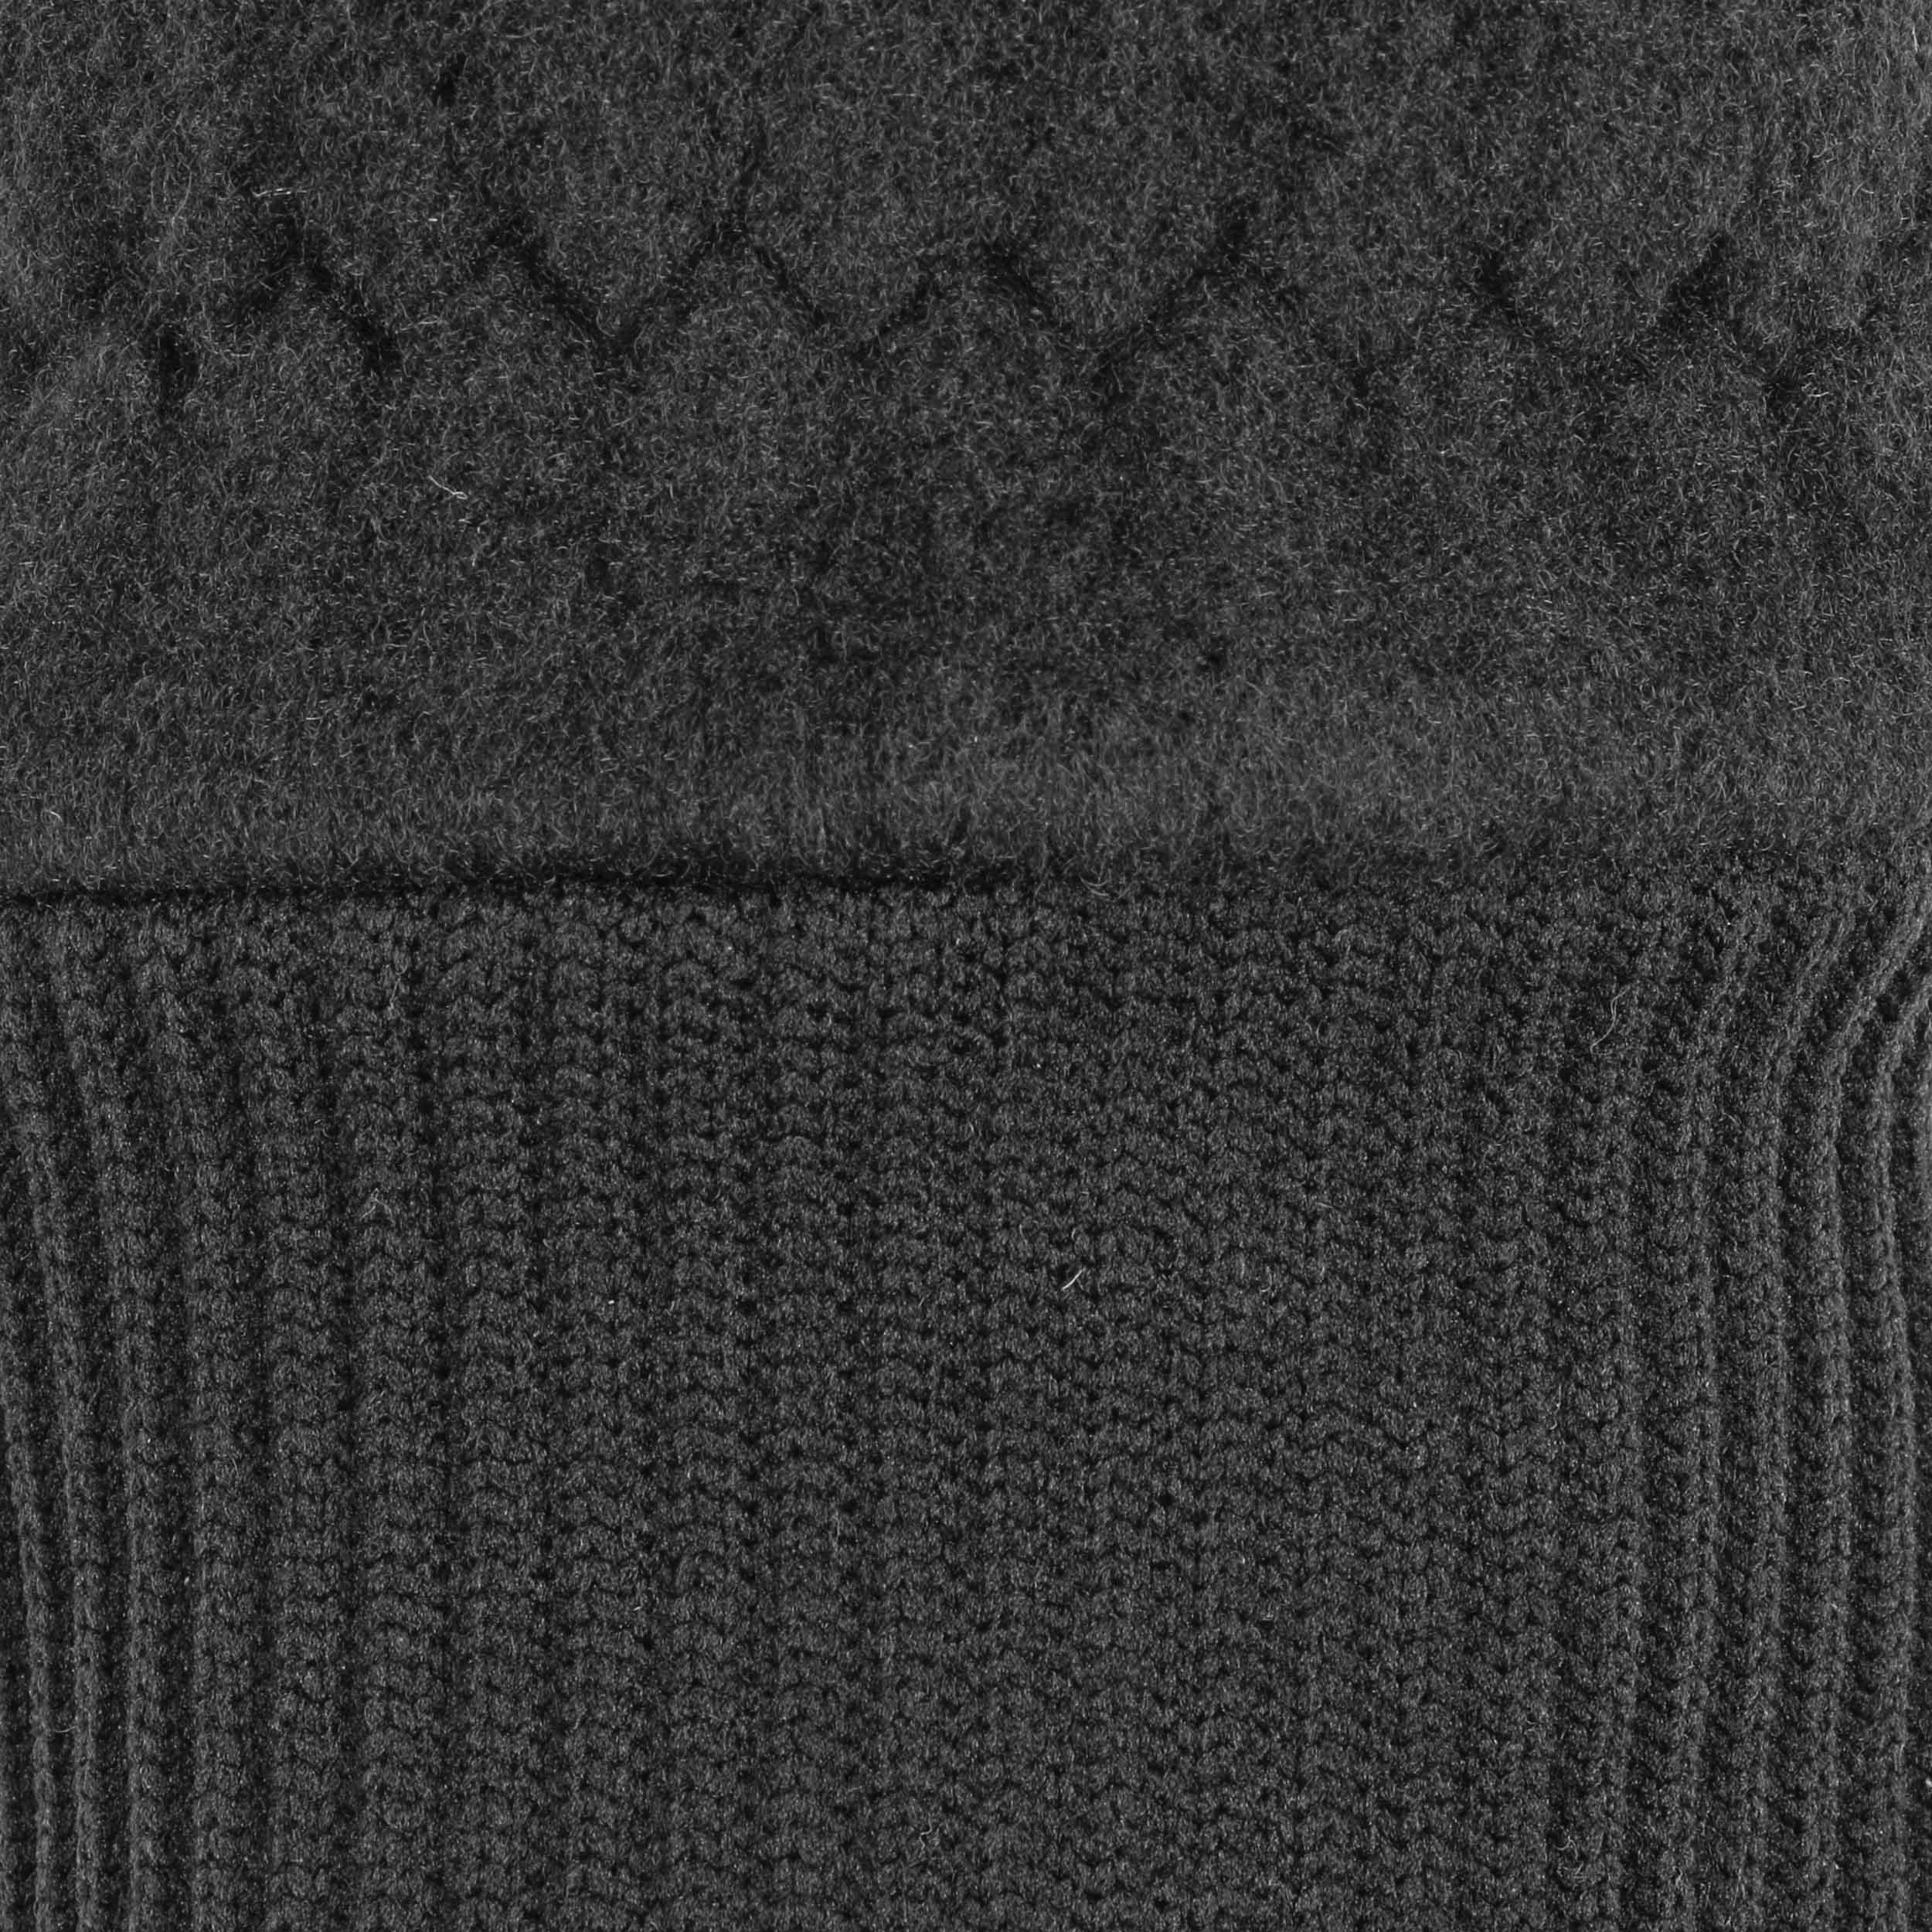 e35cae8607f1f5 ... Vertigo Fleecehandschuhe by Jack Wolfskin - schwarz 2 ...